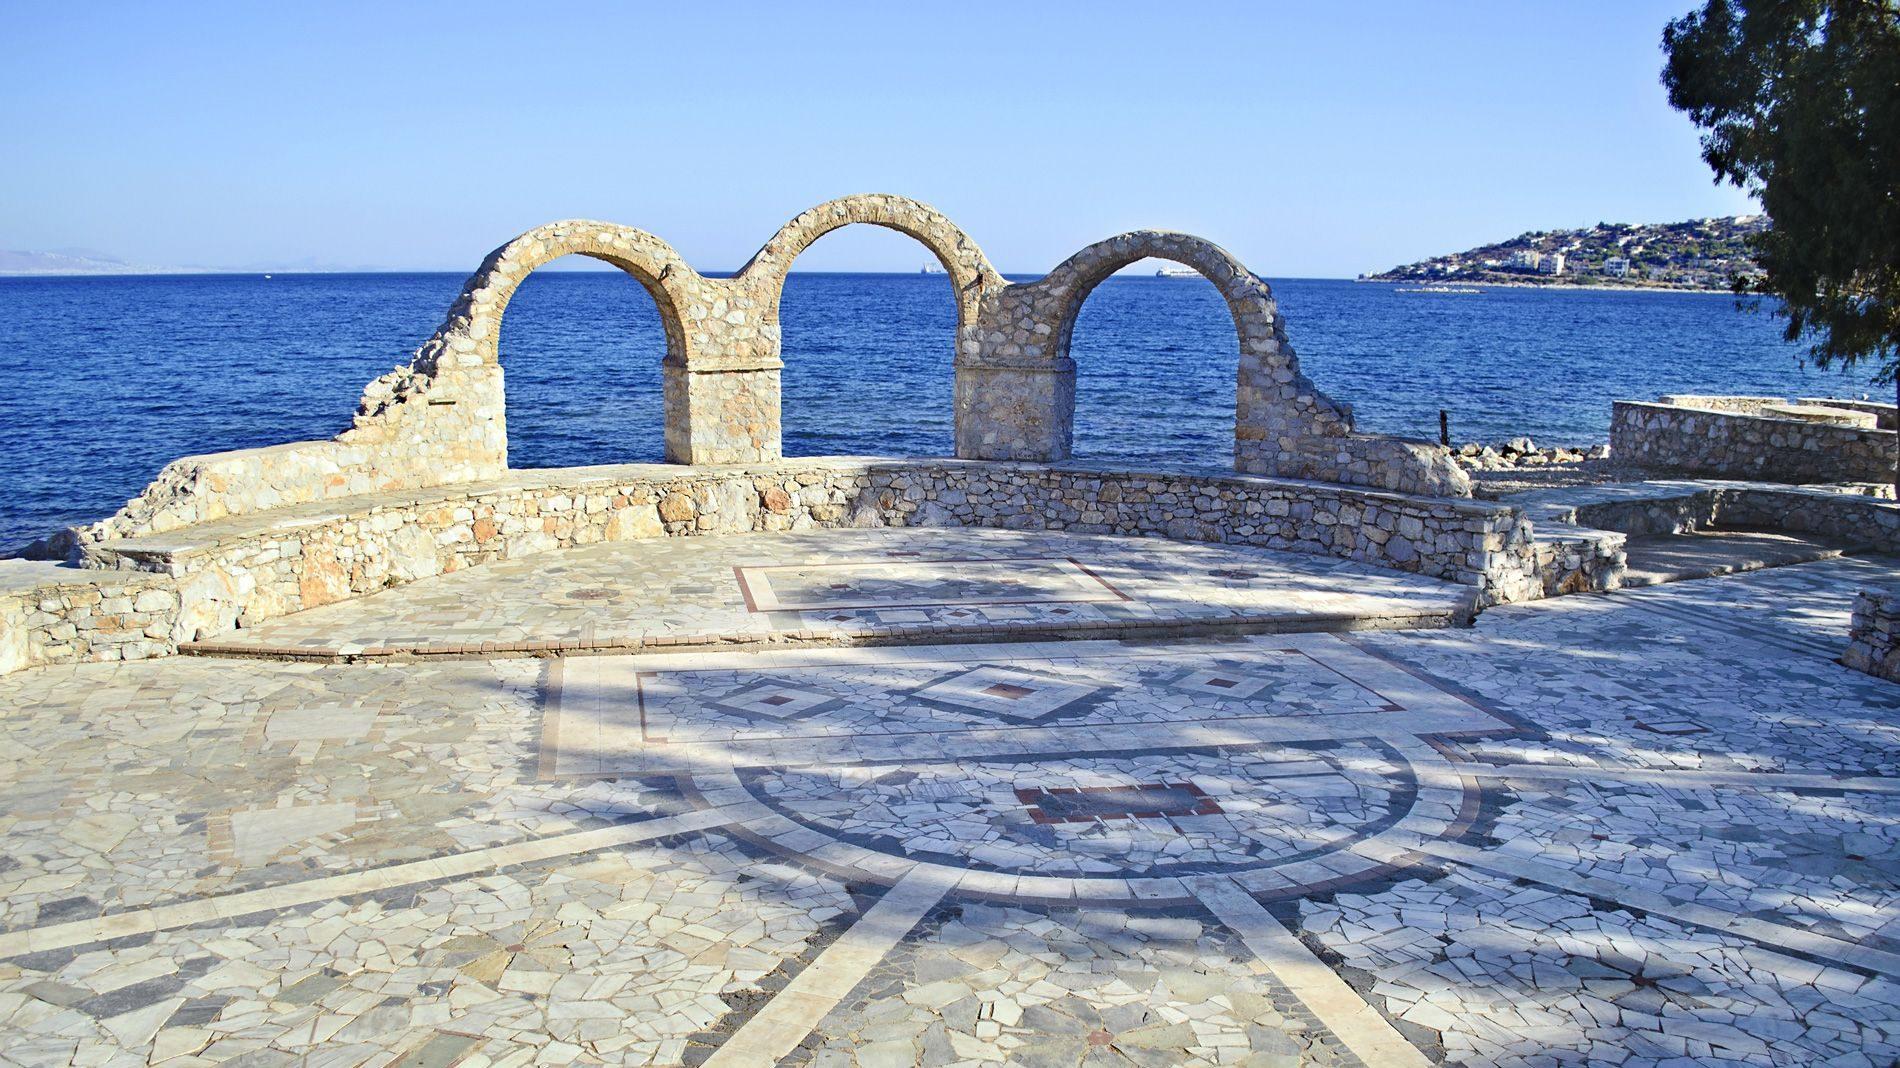 Salamis, Piraeus